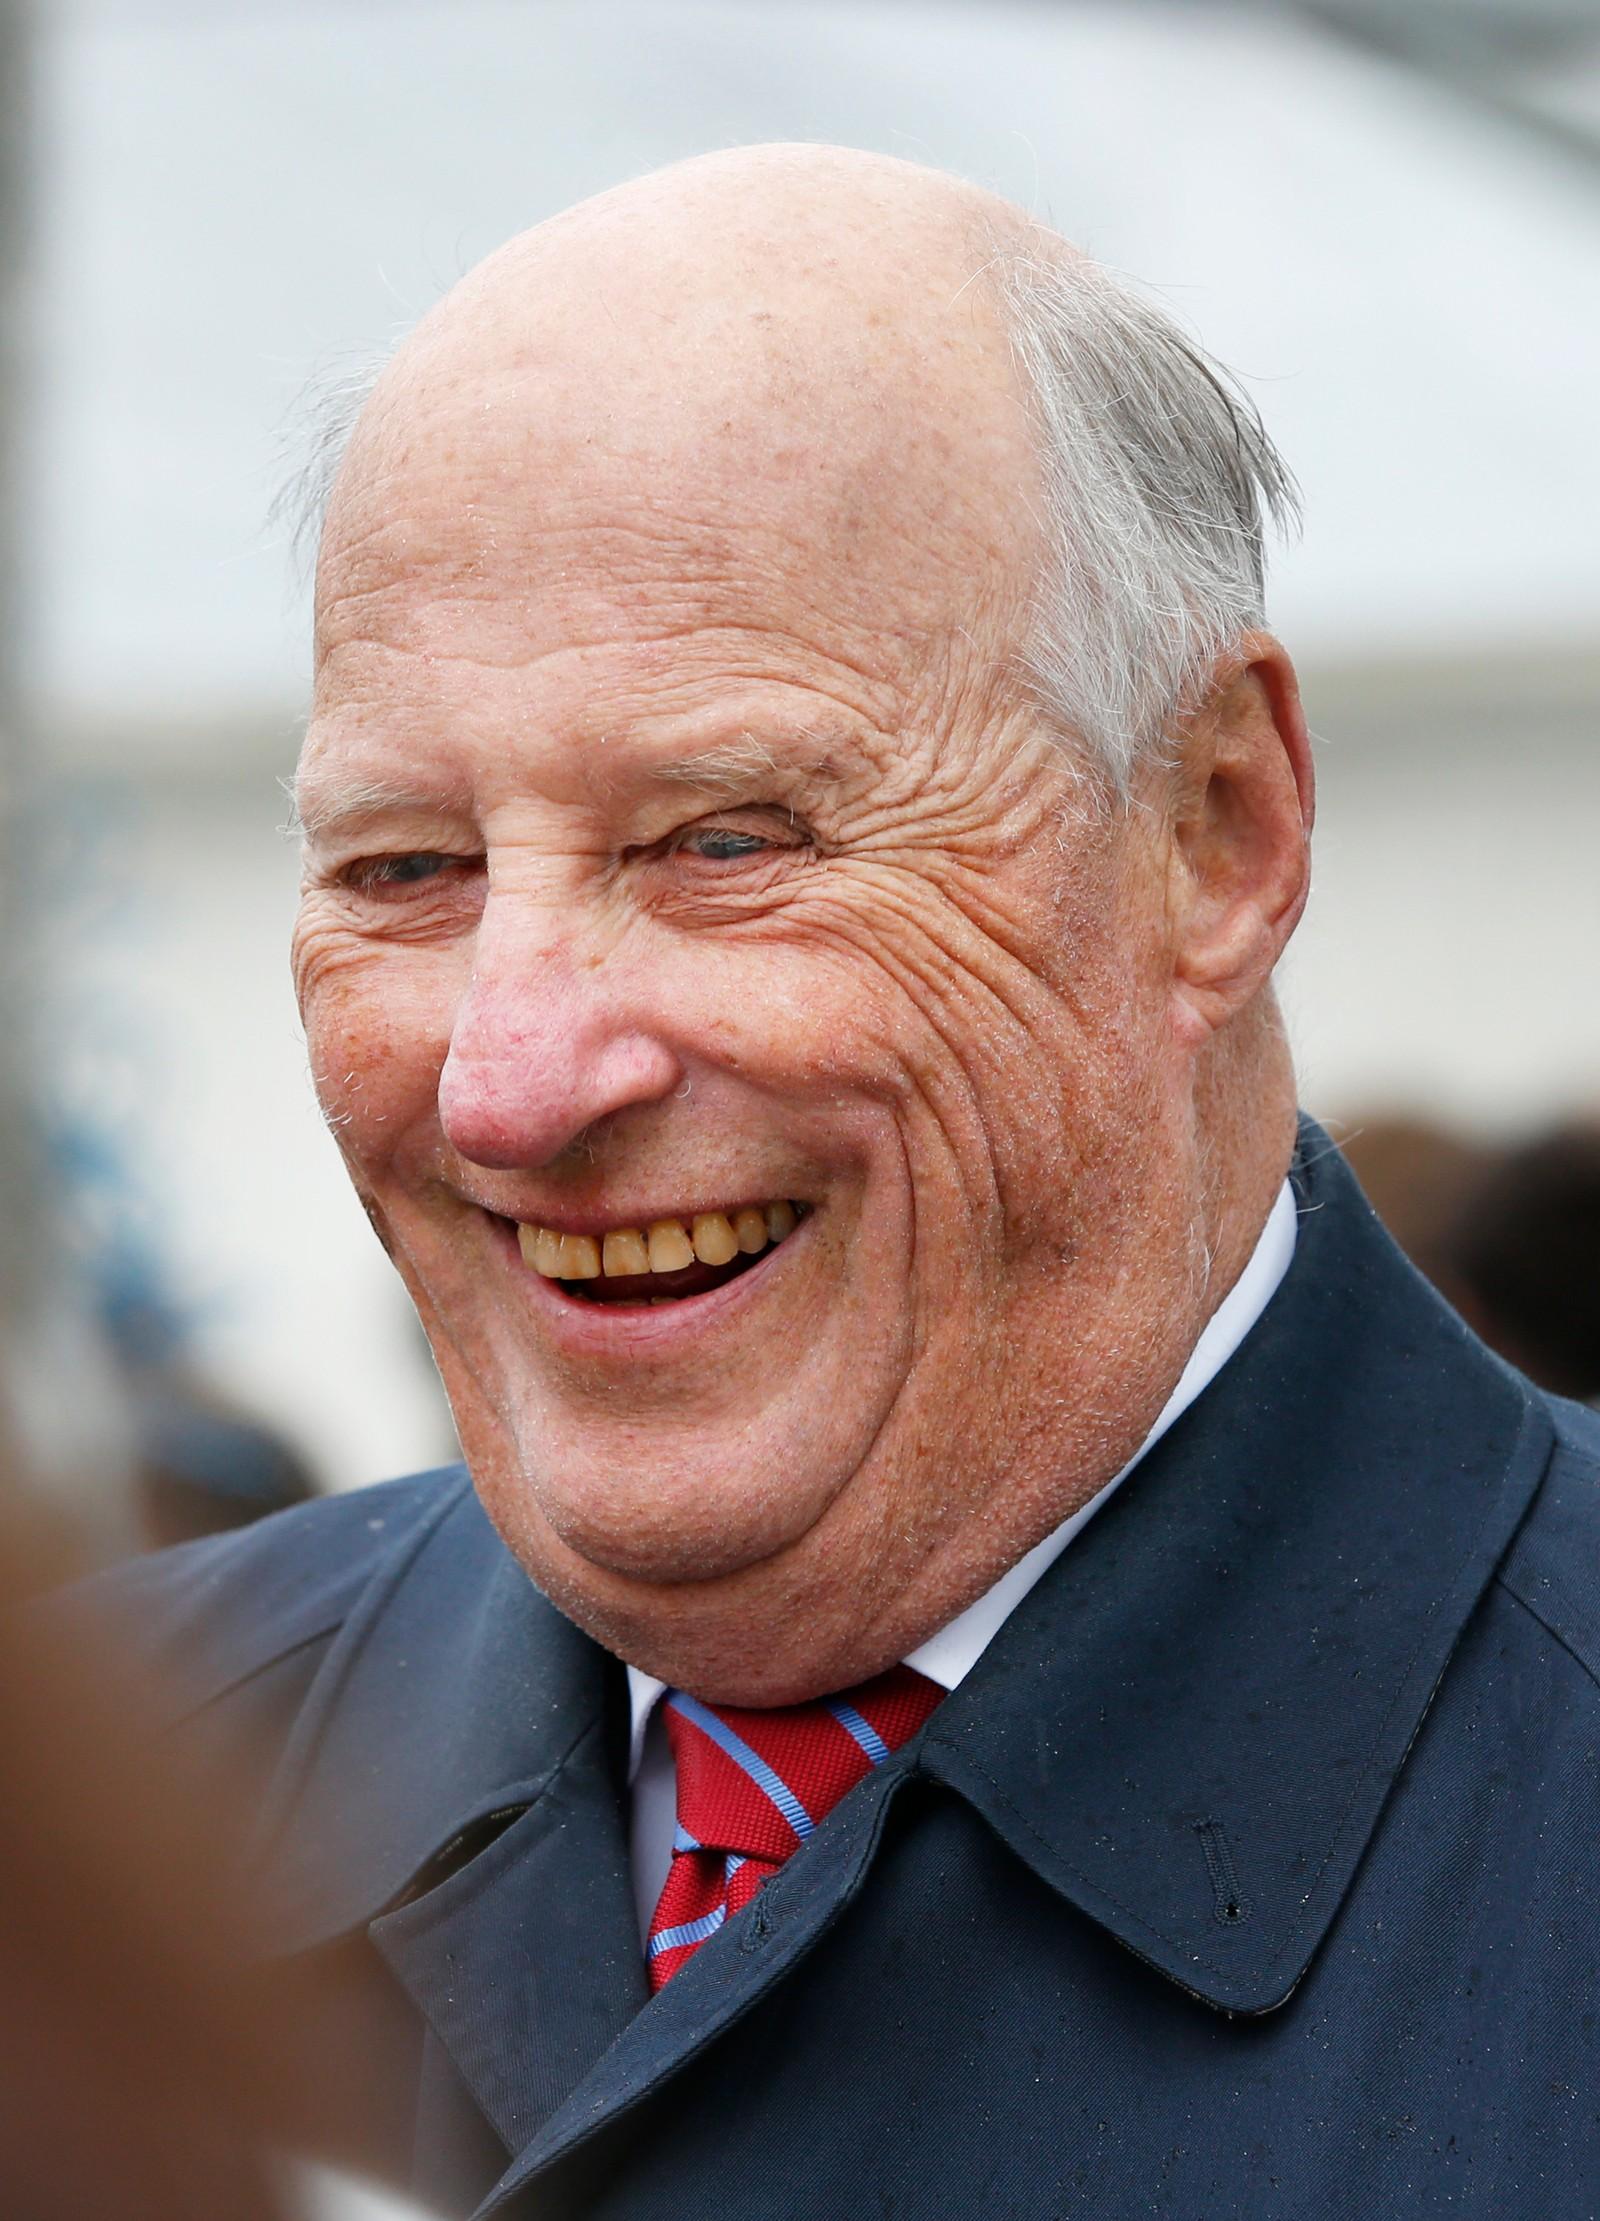 """Kong Harald under kongeparets hagefest for 300 inviterte gjester på """"Skansen"""" i Tromsø lørdag. Reisen inngår som en del av markeringen av Kongeparets 25-årsjubileum. Foto: Lise Åserud / NTB scanpix"""